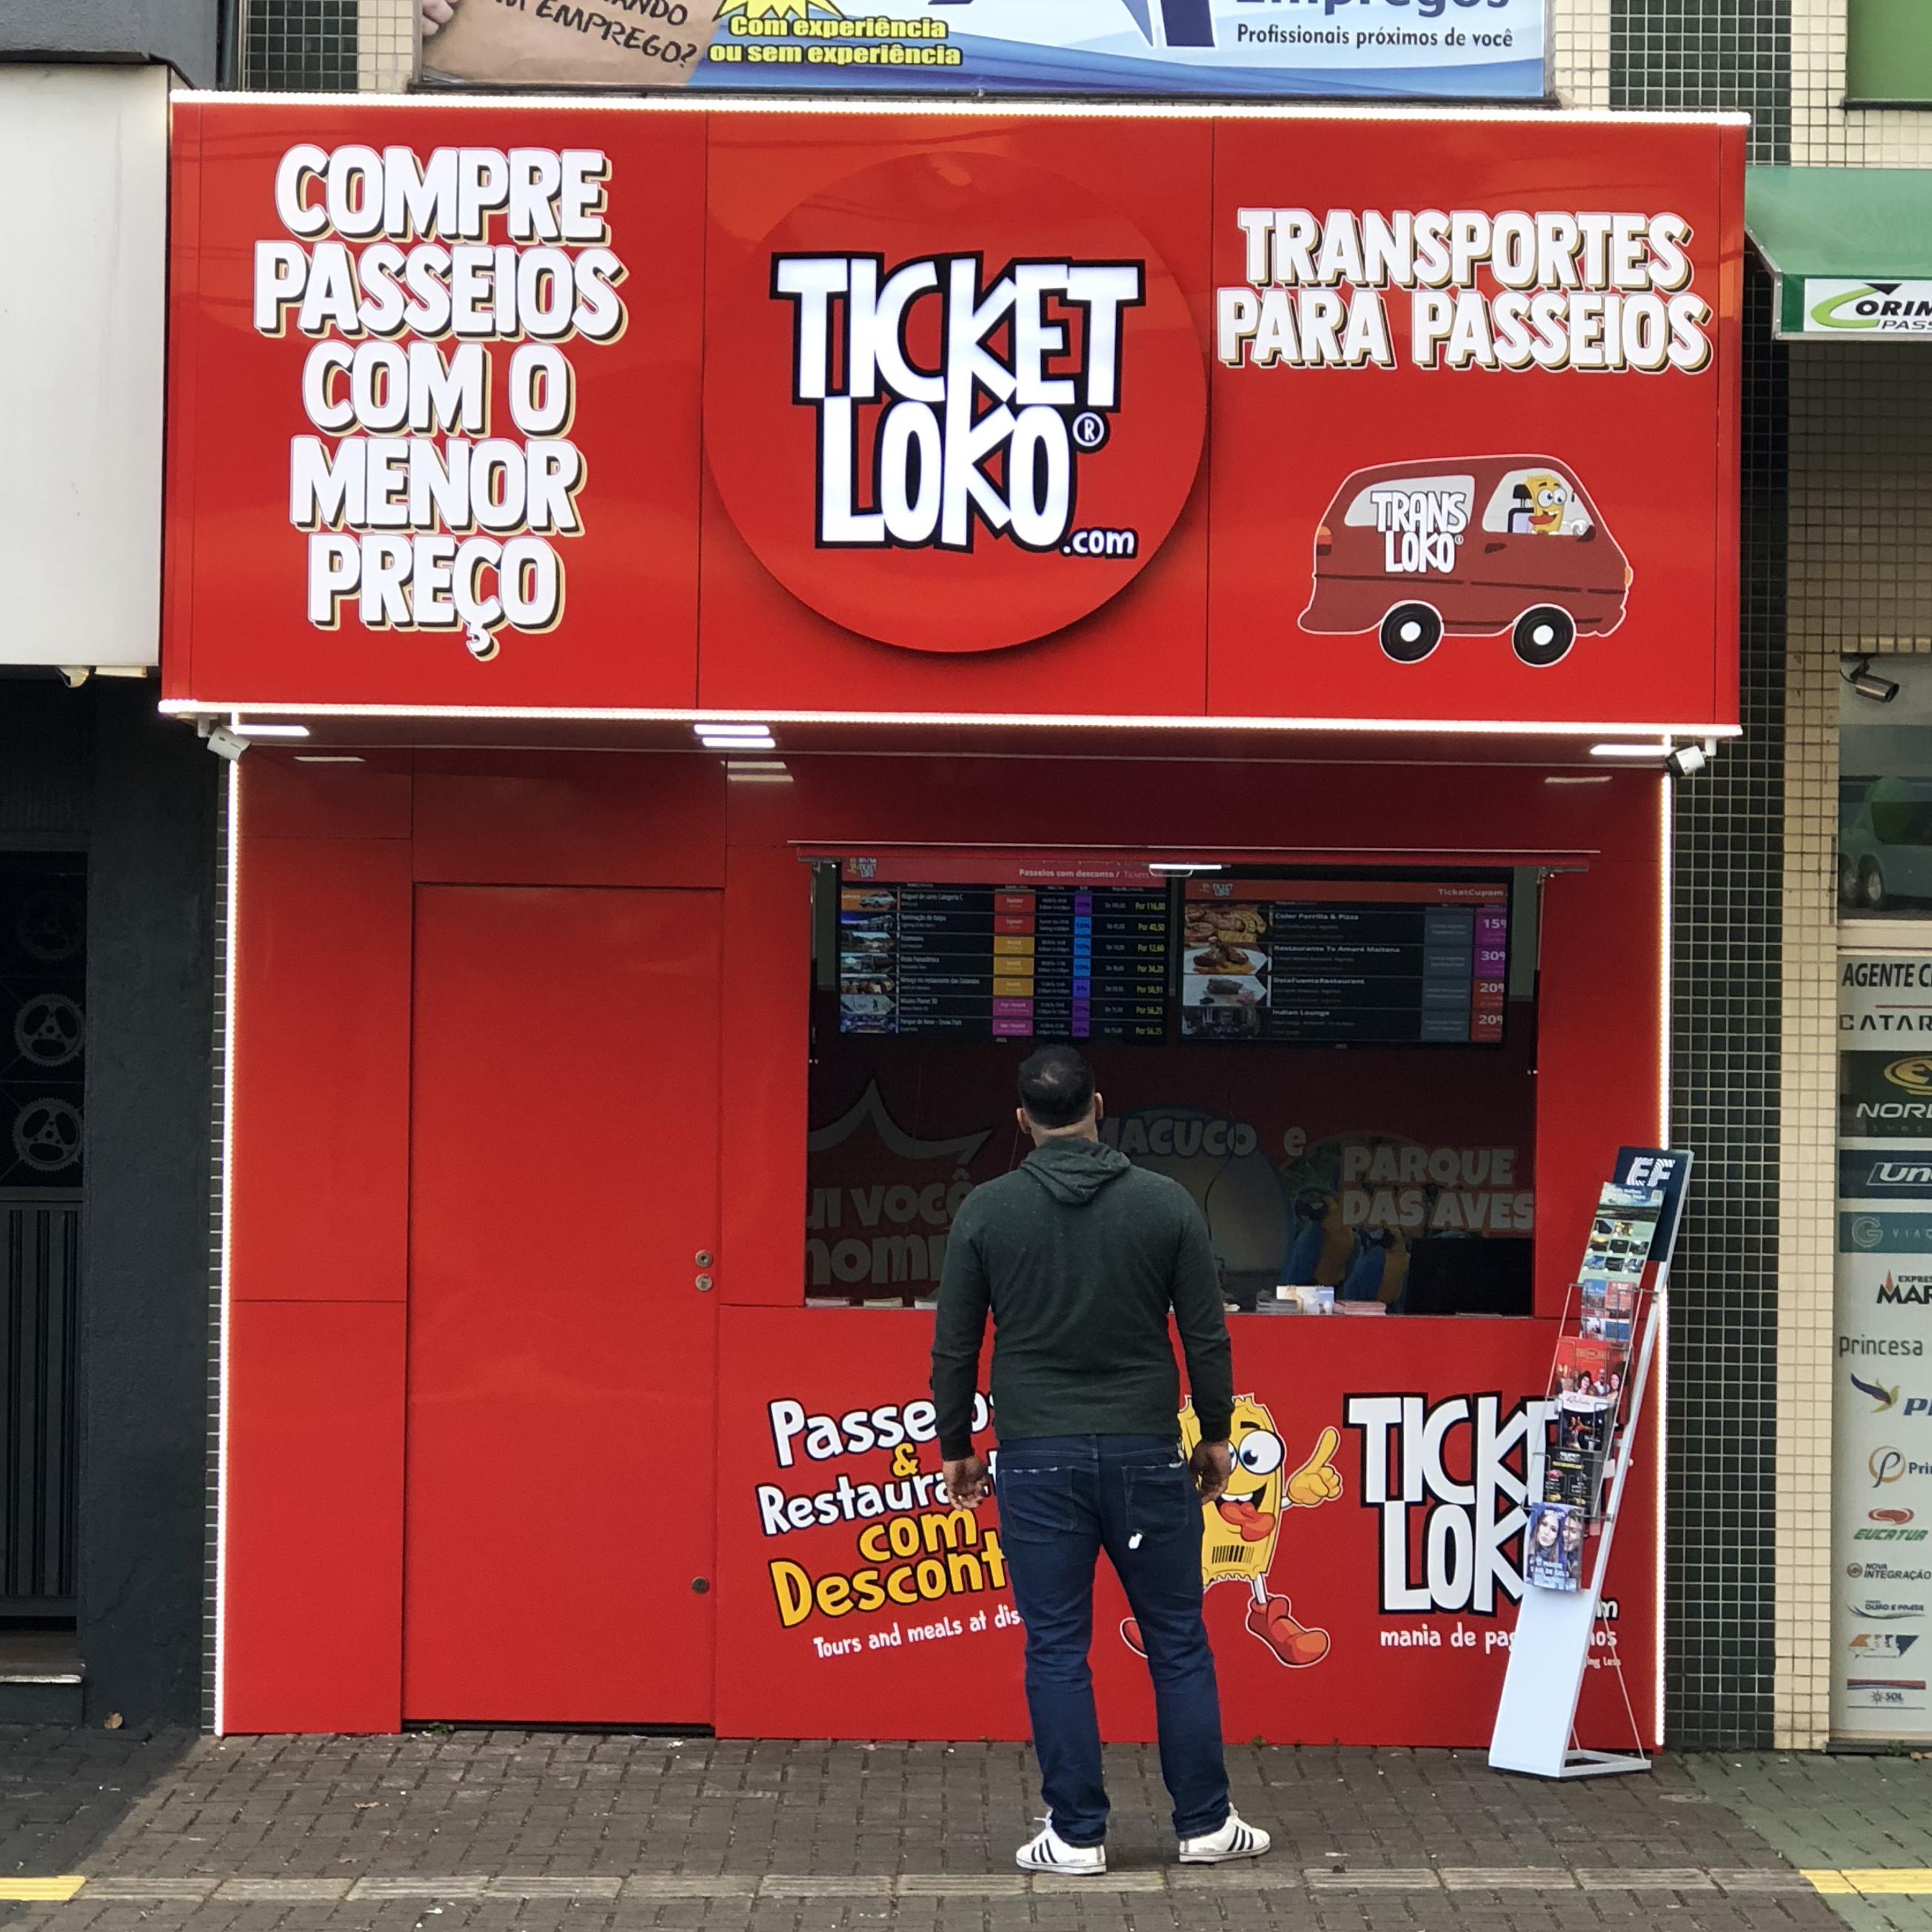 Nova unidade do Ticket Loko em Foz do Iguaçu em frente ao Hotel Golden Park Foz